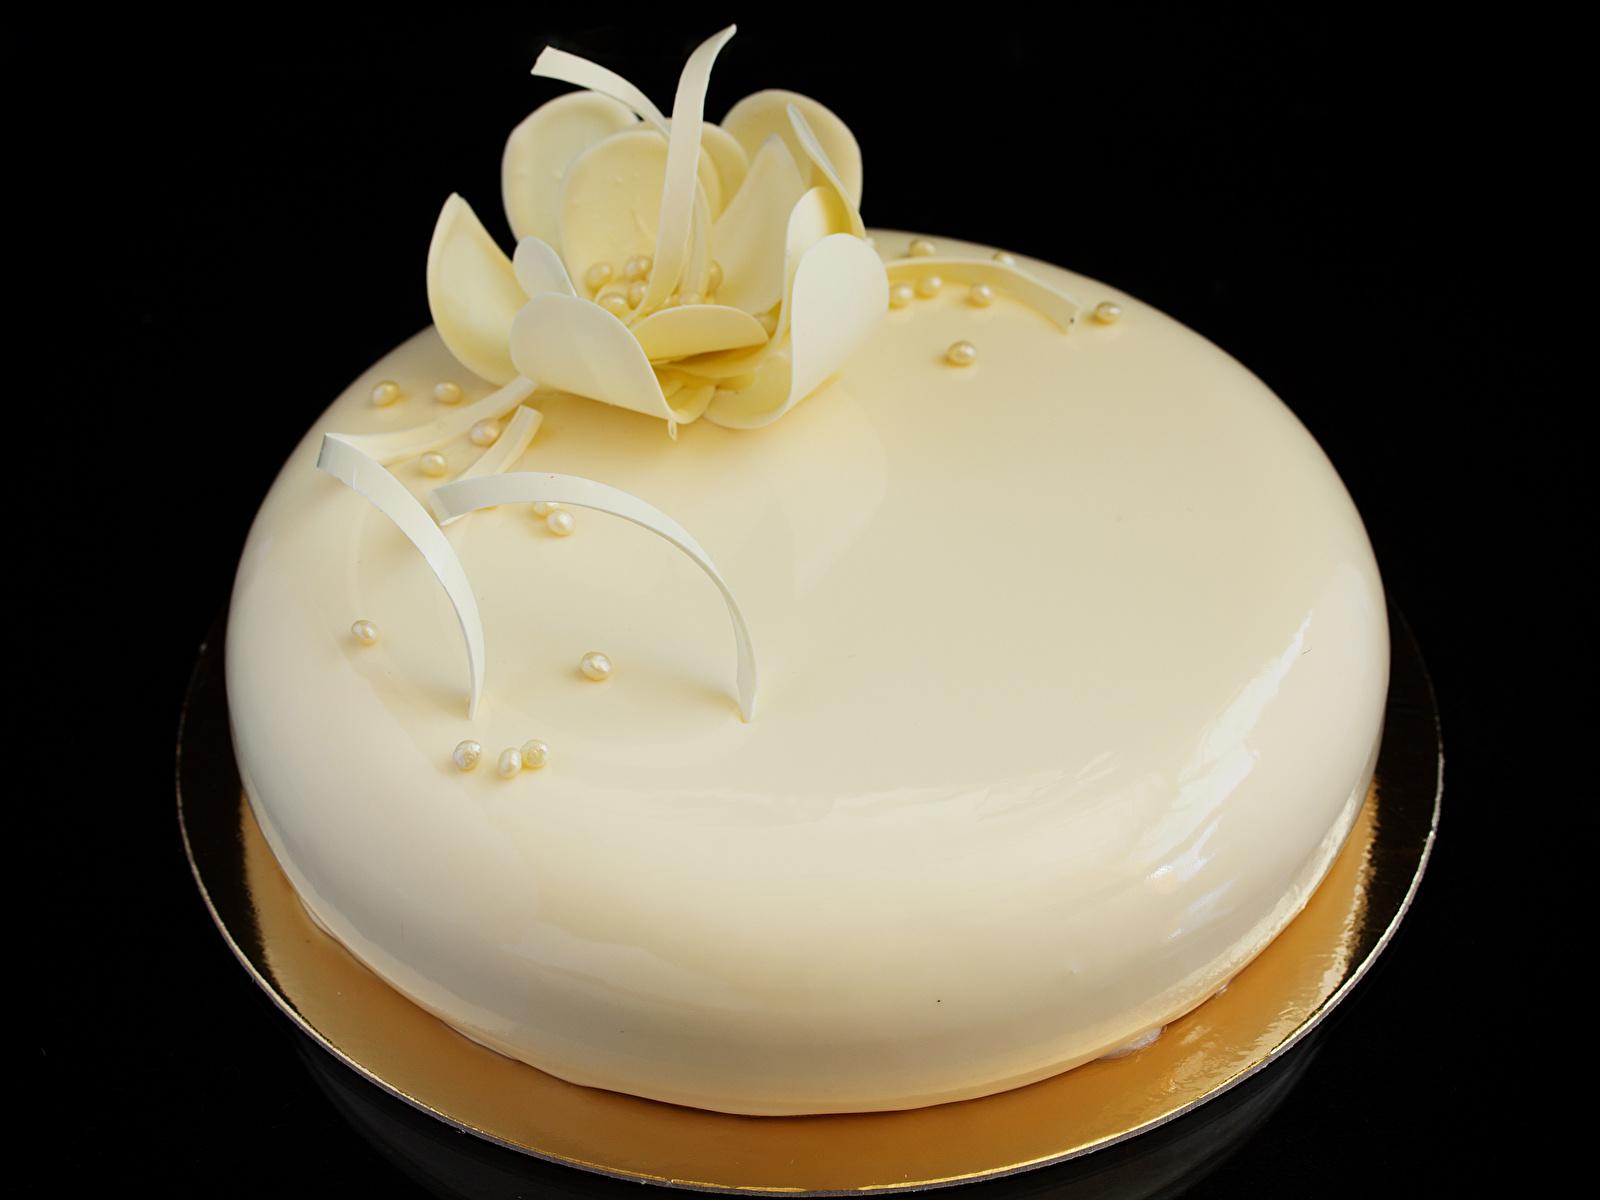 Картинки Шоколад белая Торты Продукты питания Сладости на черном фоне Дизайн 1600x1200 белых белые Белый Еда Пища Черный фон сладкая еда дизайна